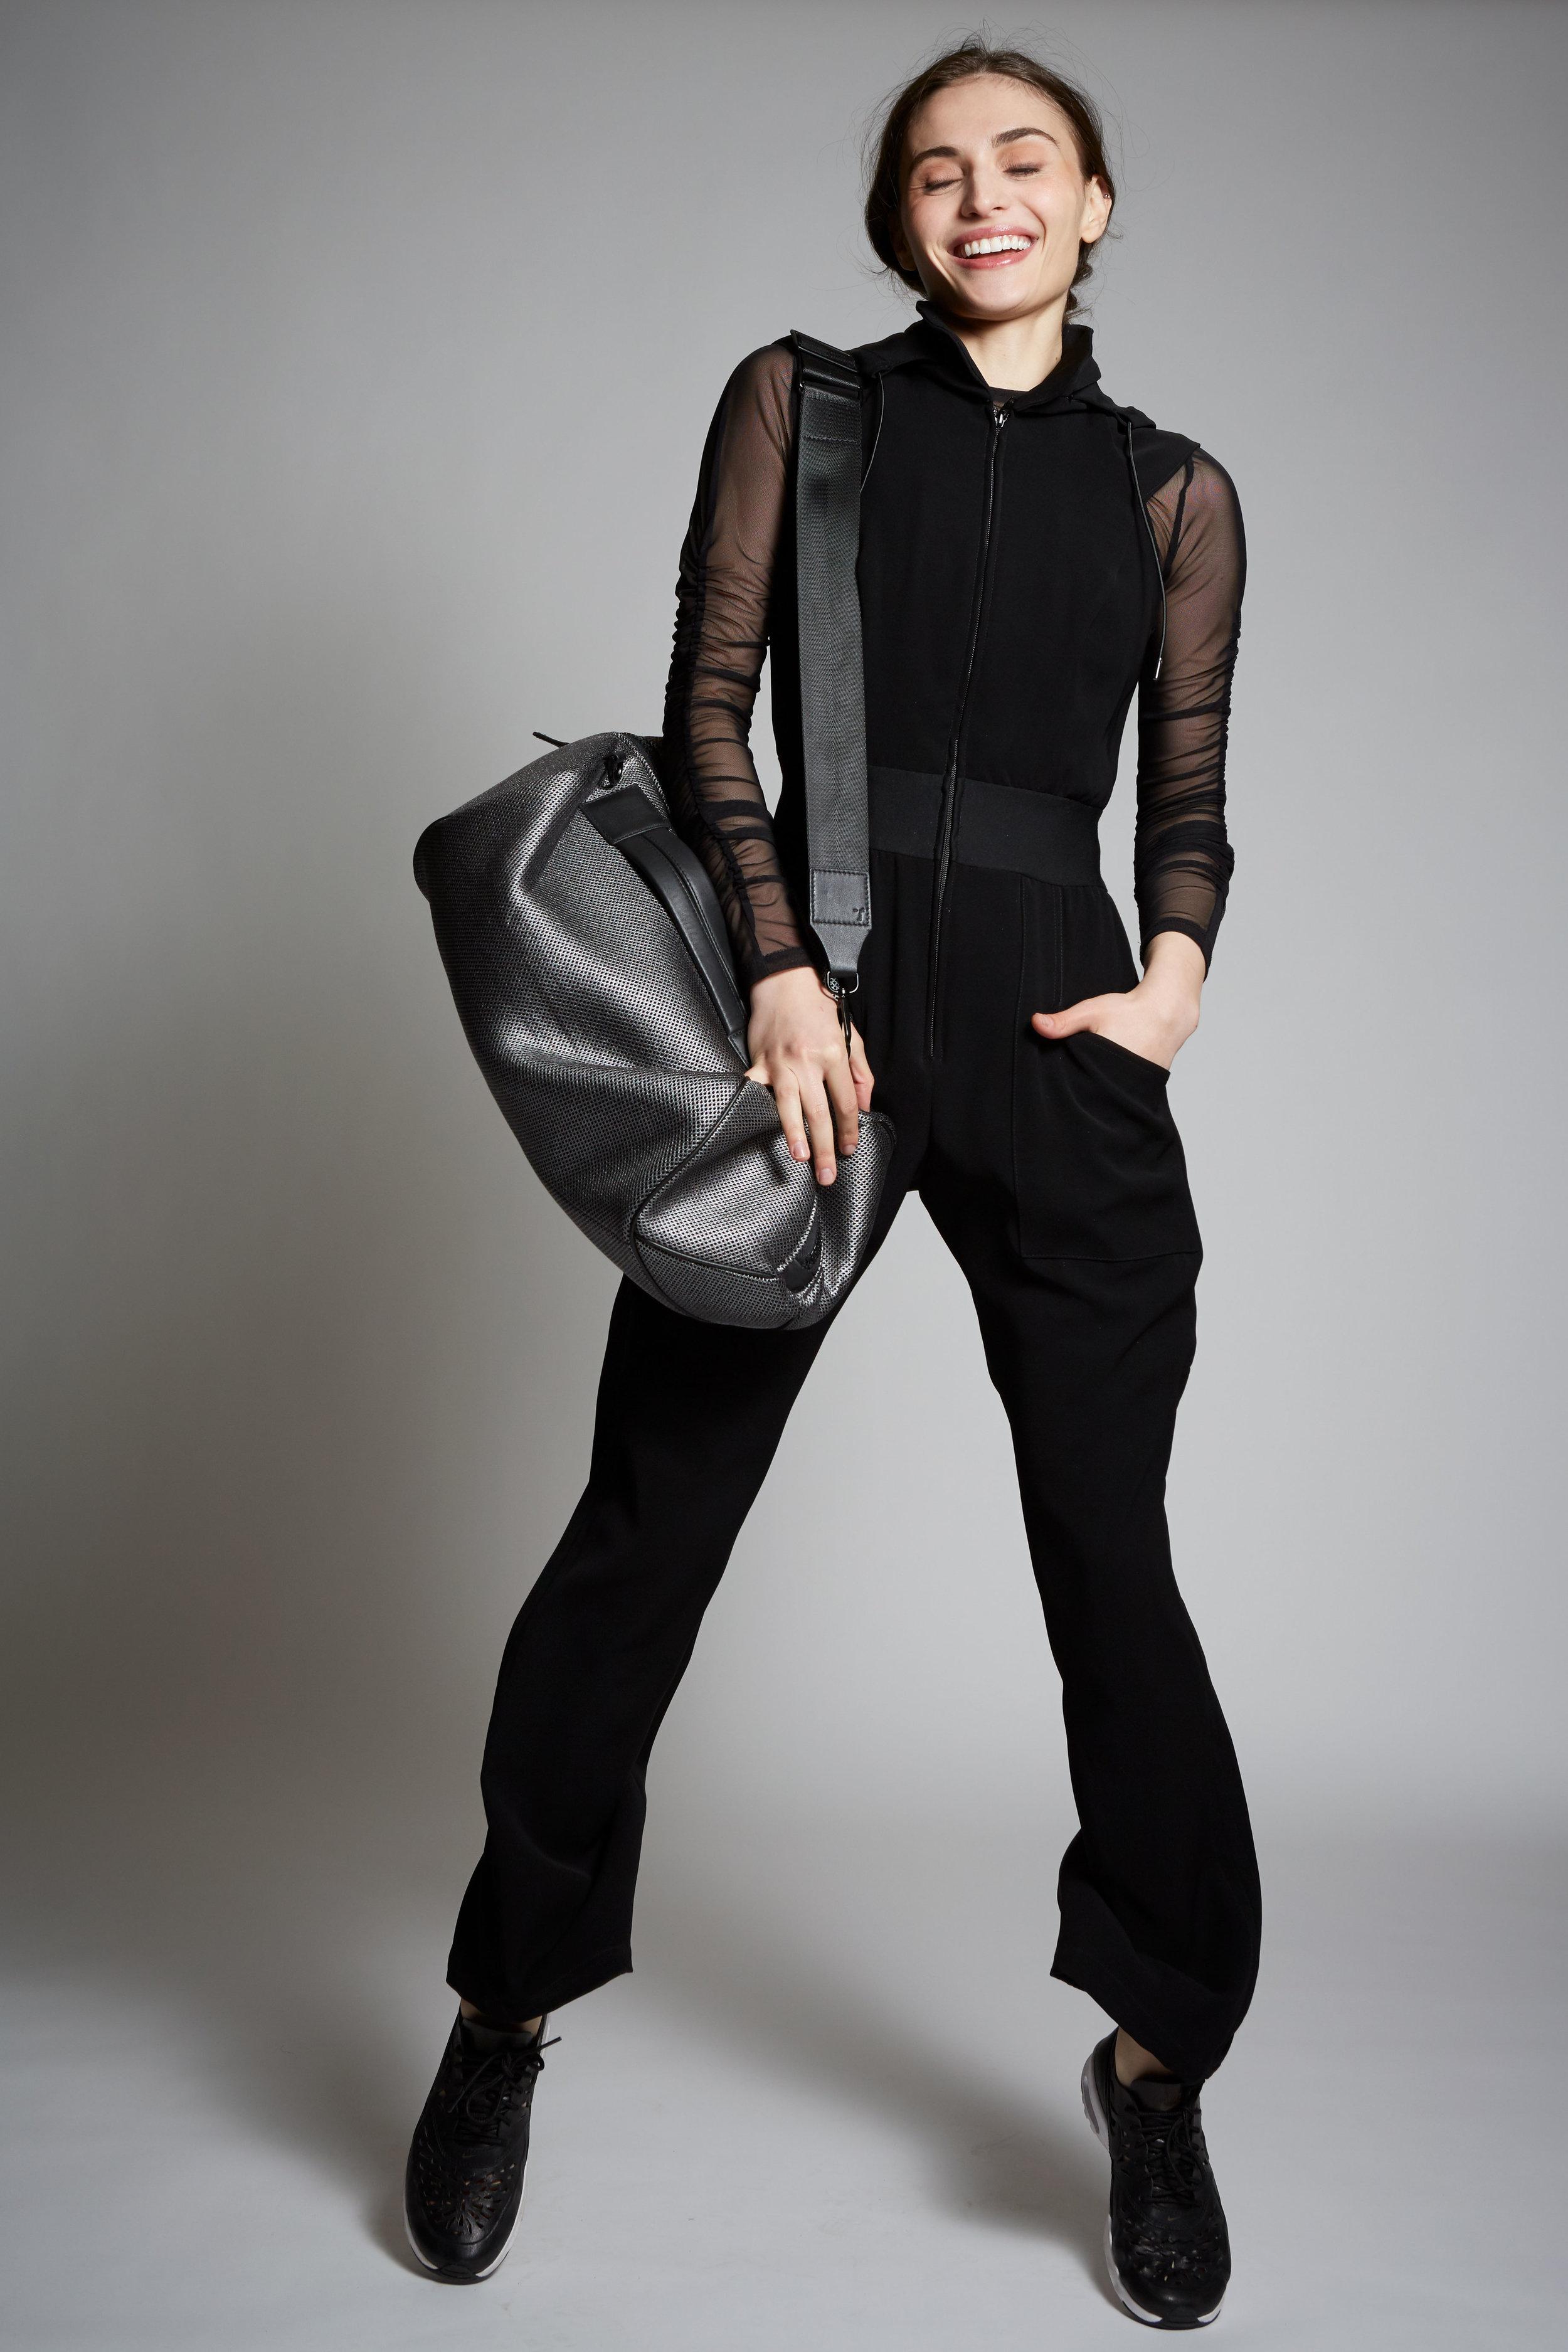 titanium-gym-bag.jpg